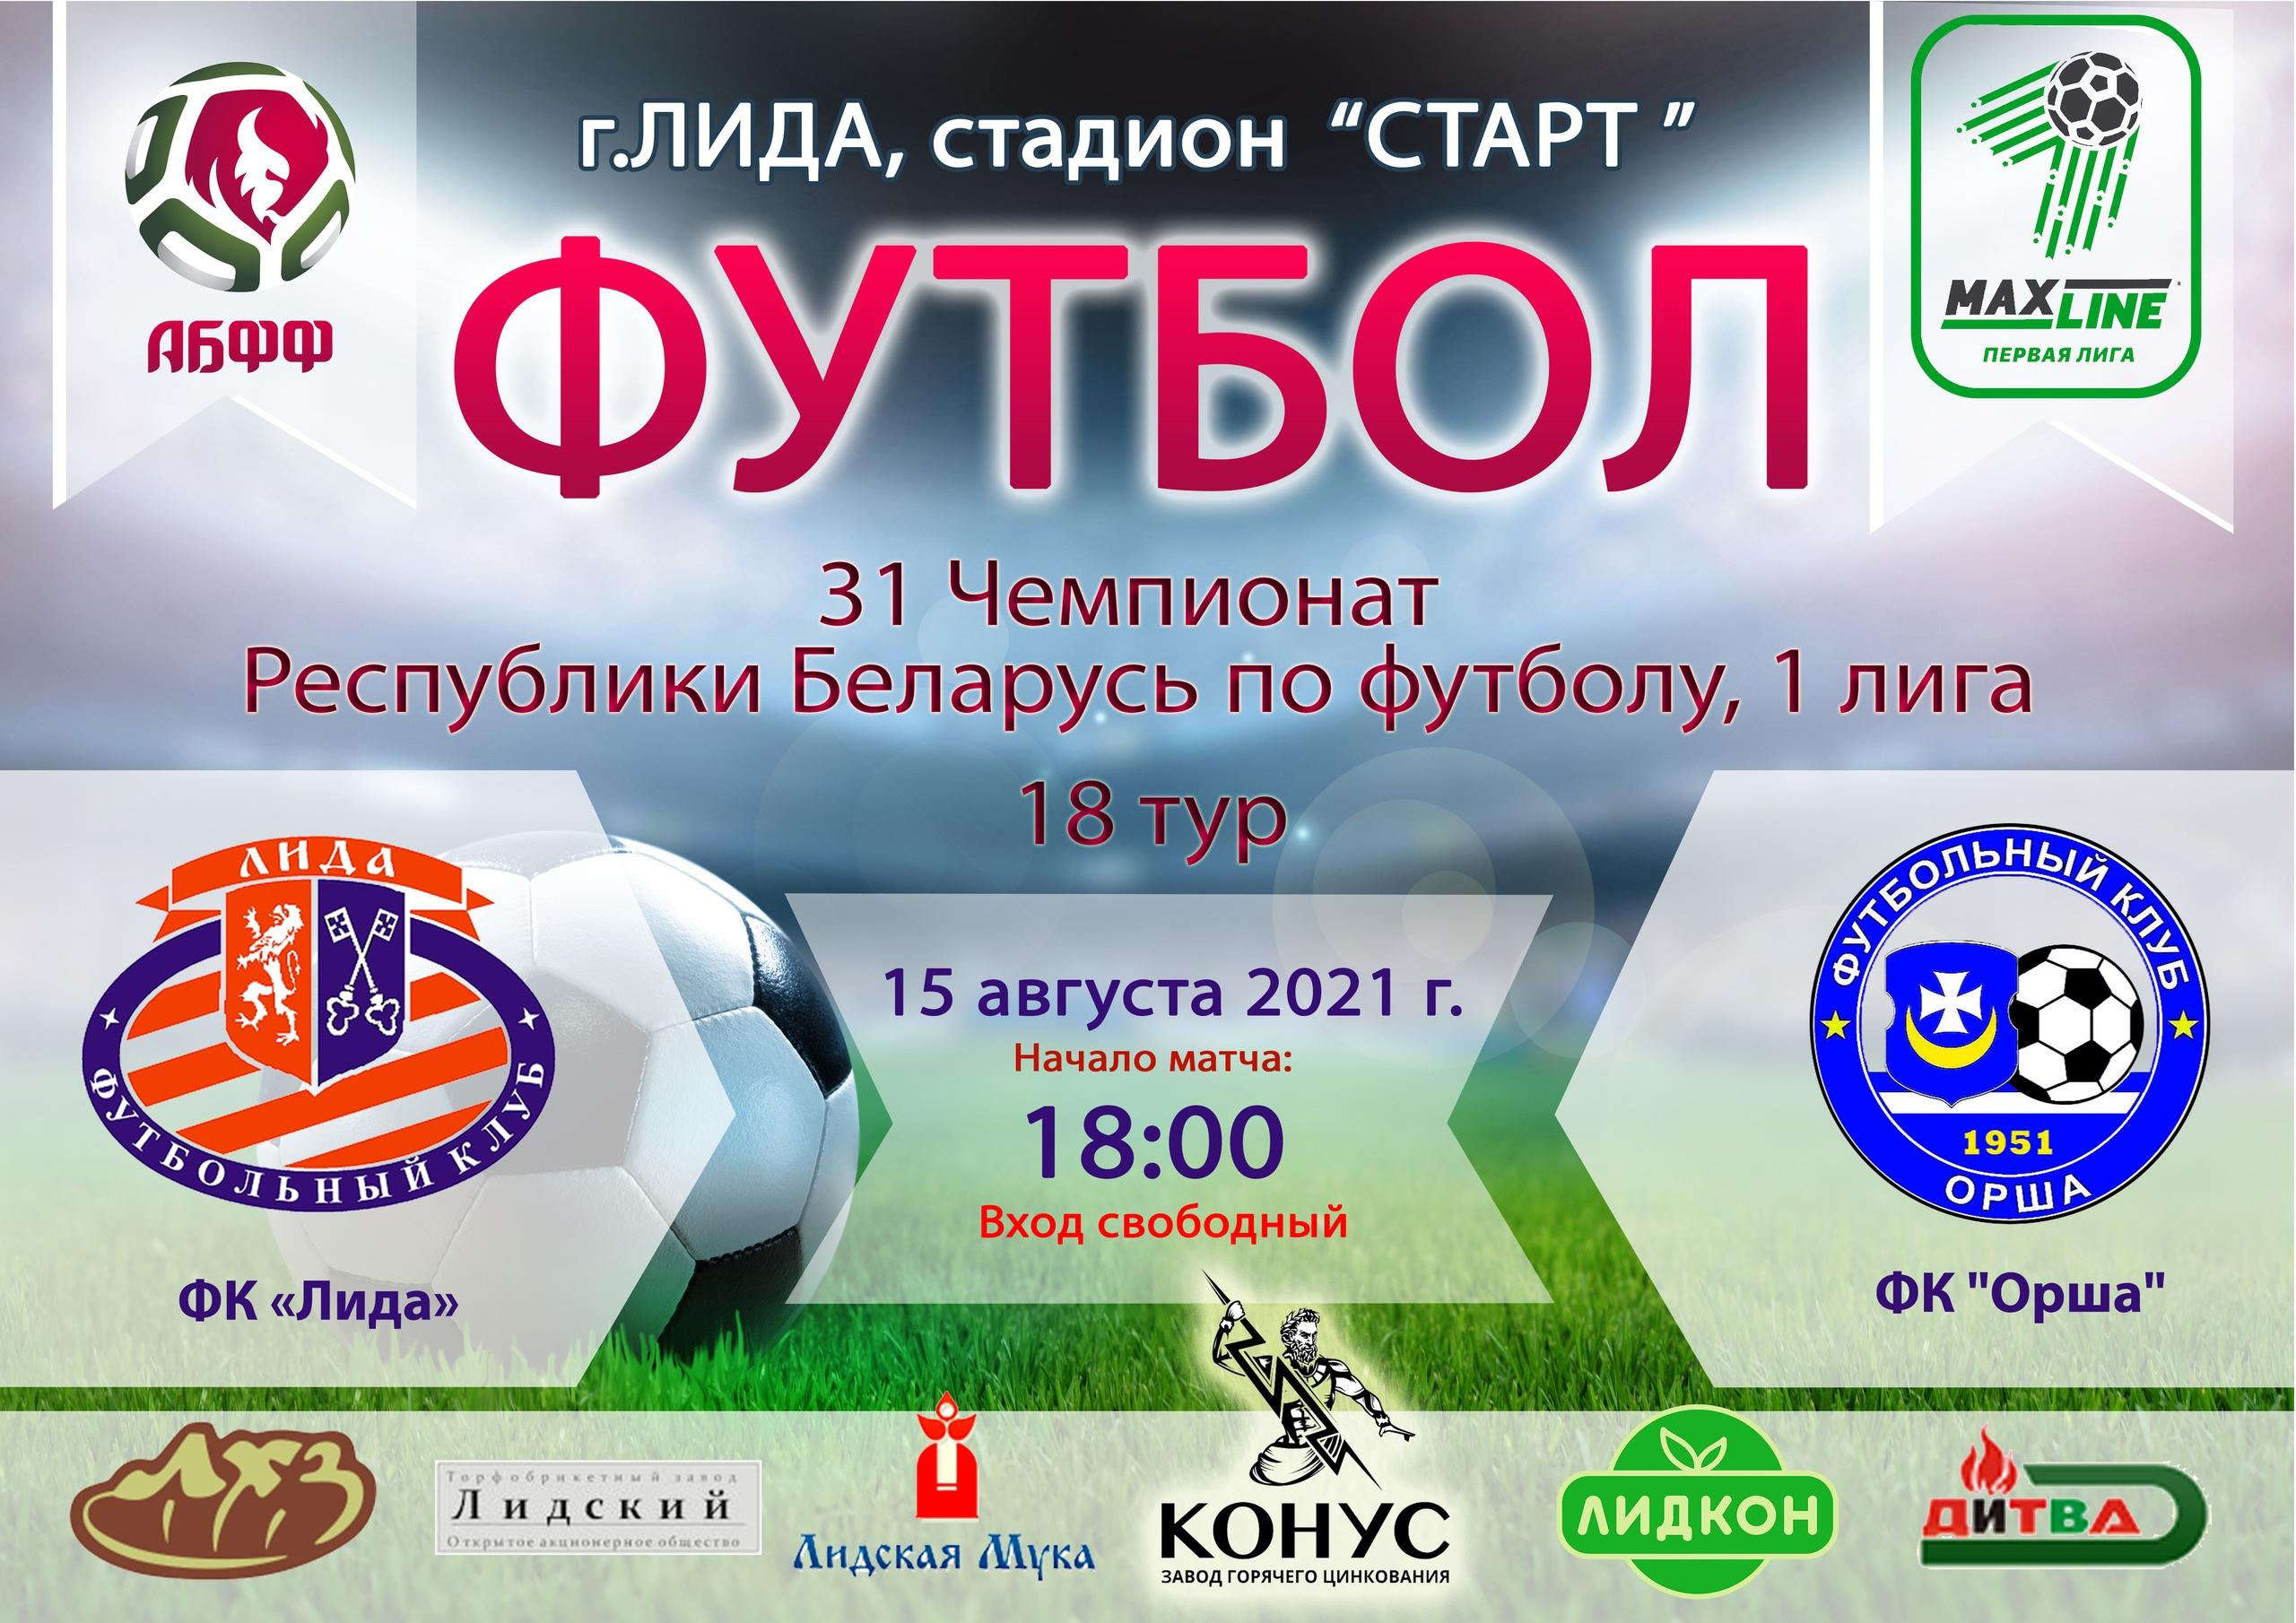 Футбольный клуб «Лида» проведет в воскресенье матч 18-го тура чемпионата страны в первой лиге